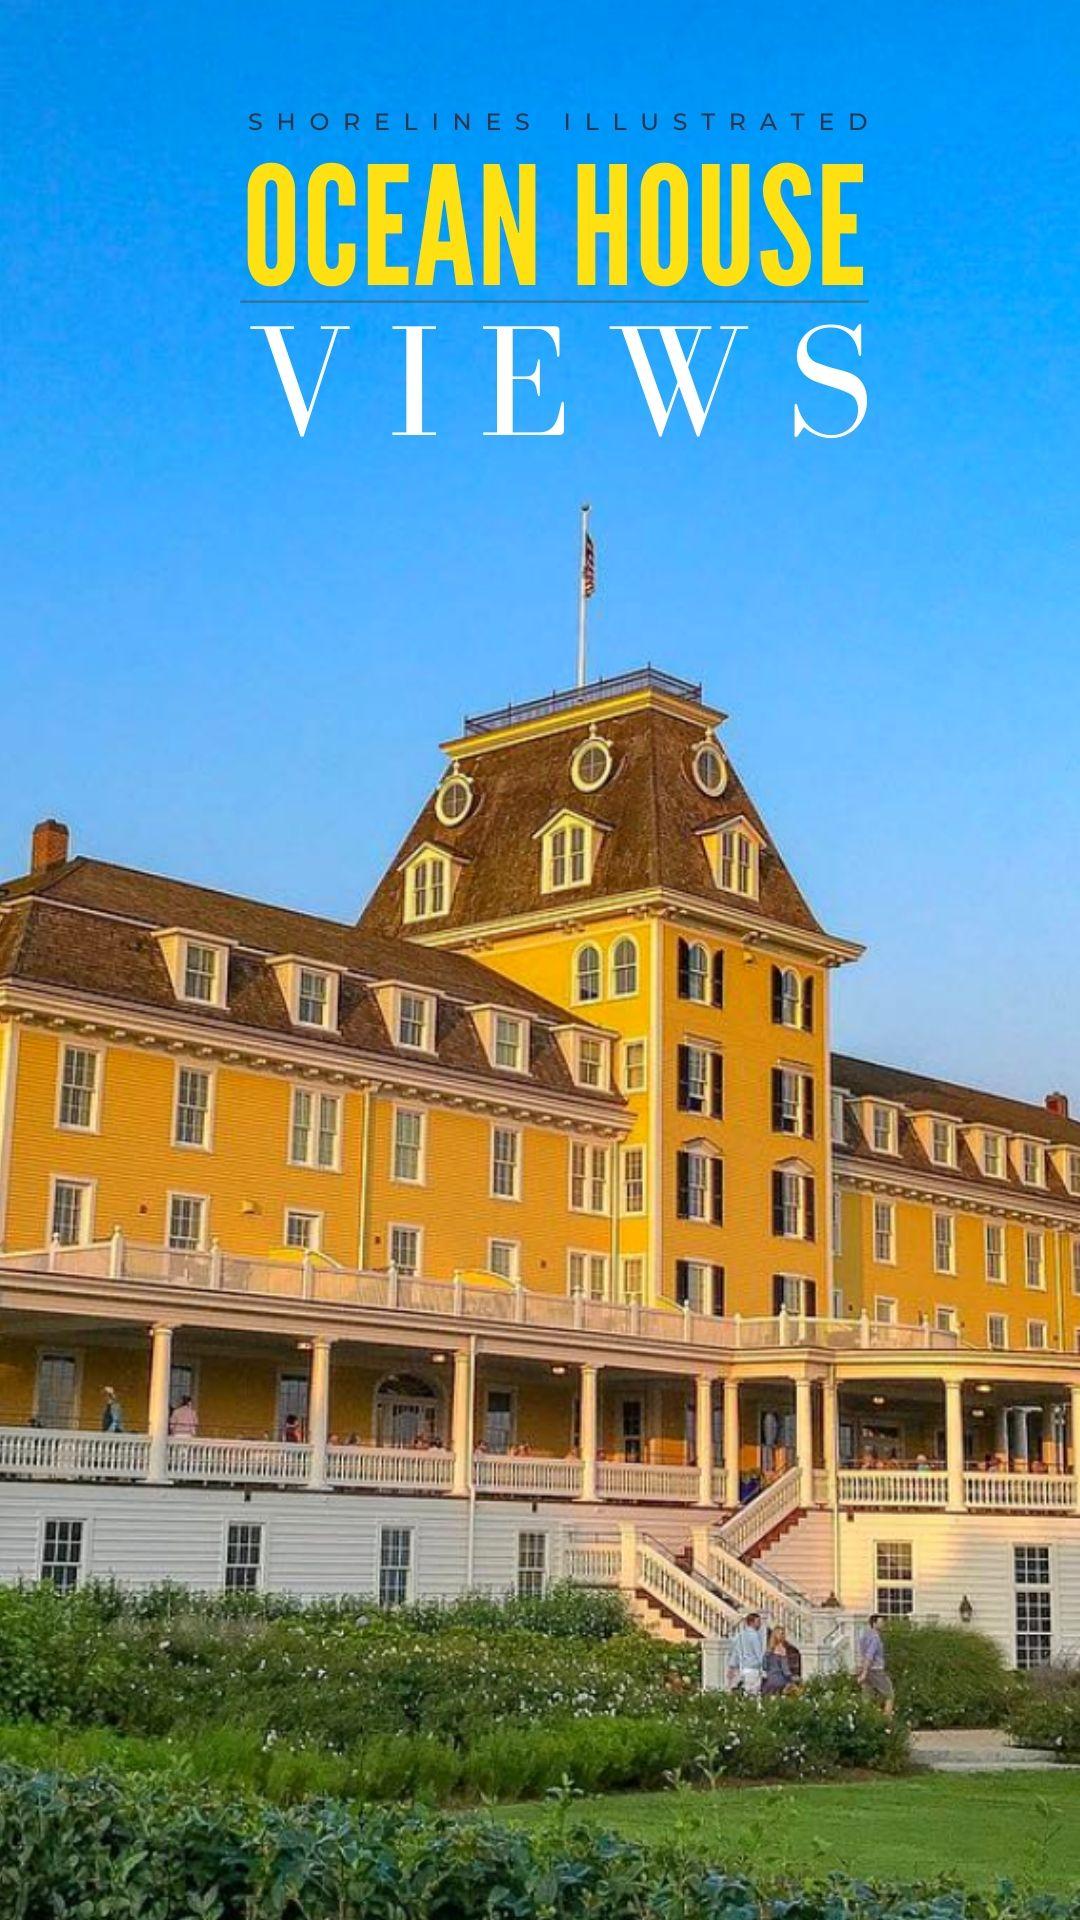 Ocean House Watch Hill Rhode Island PINS-5